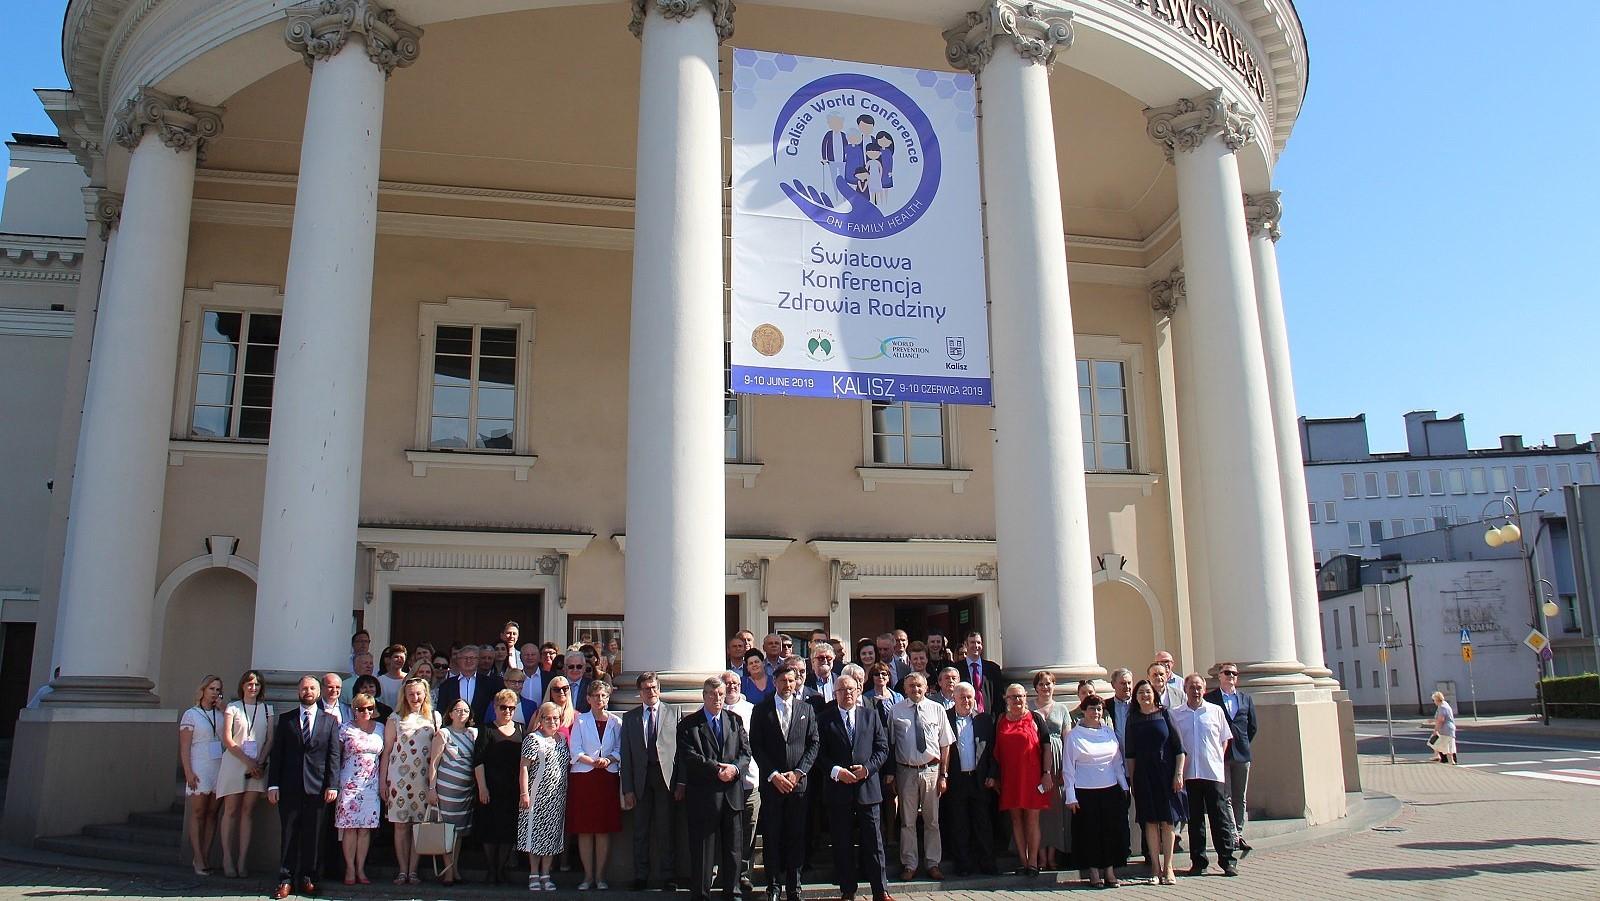 Inauguracja Światowej Konferencji Zdrowia Rodziny - Kalisz.pl